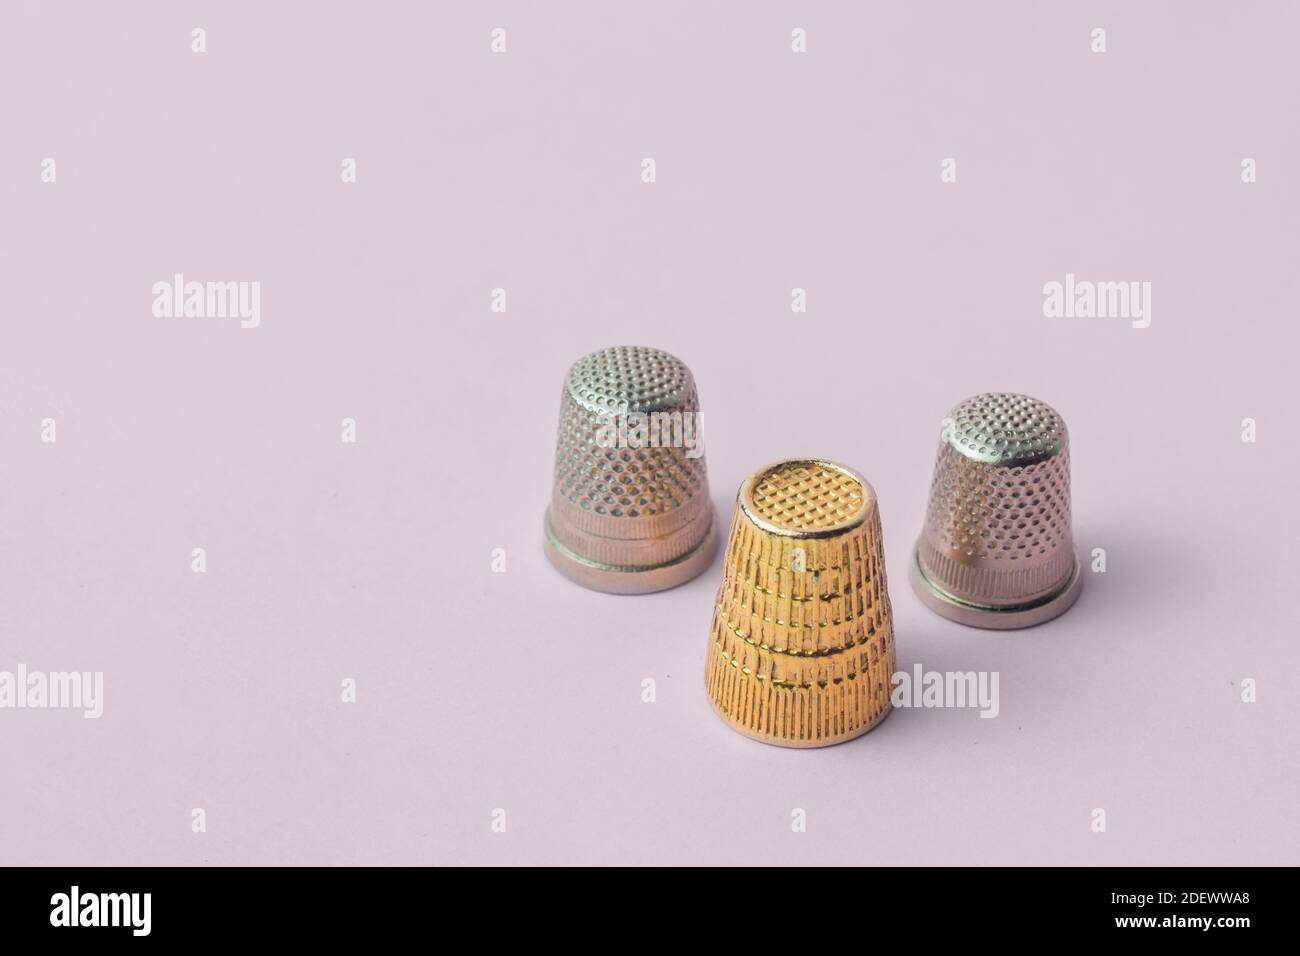 Composición triangular de tres dedales, dos tipos, y un oro sobre fondo rosa. Artículos de costura. Foto de stock